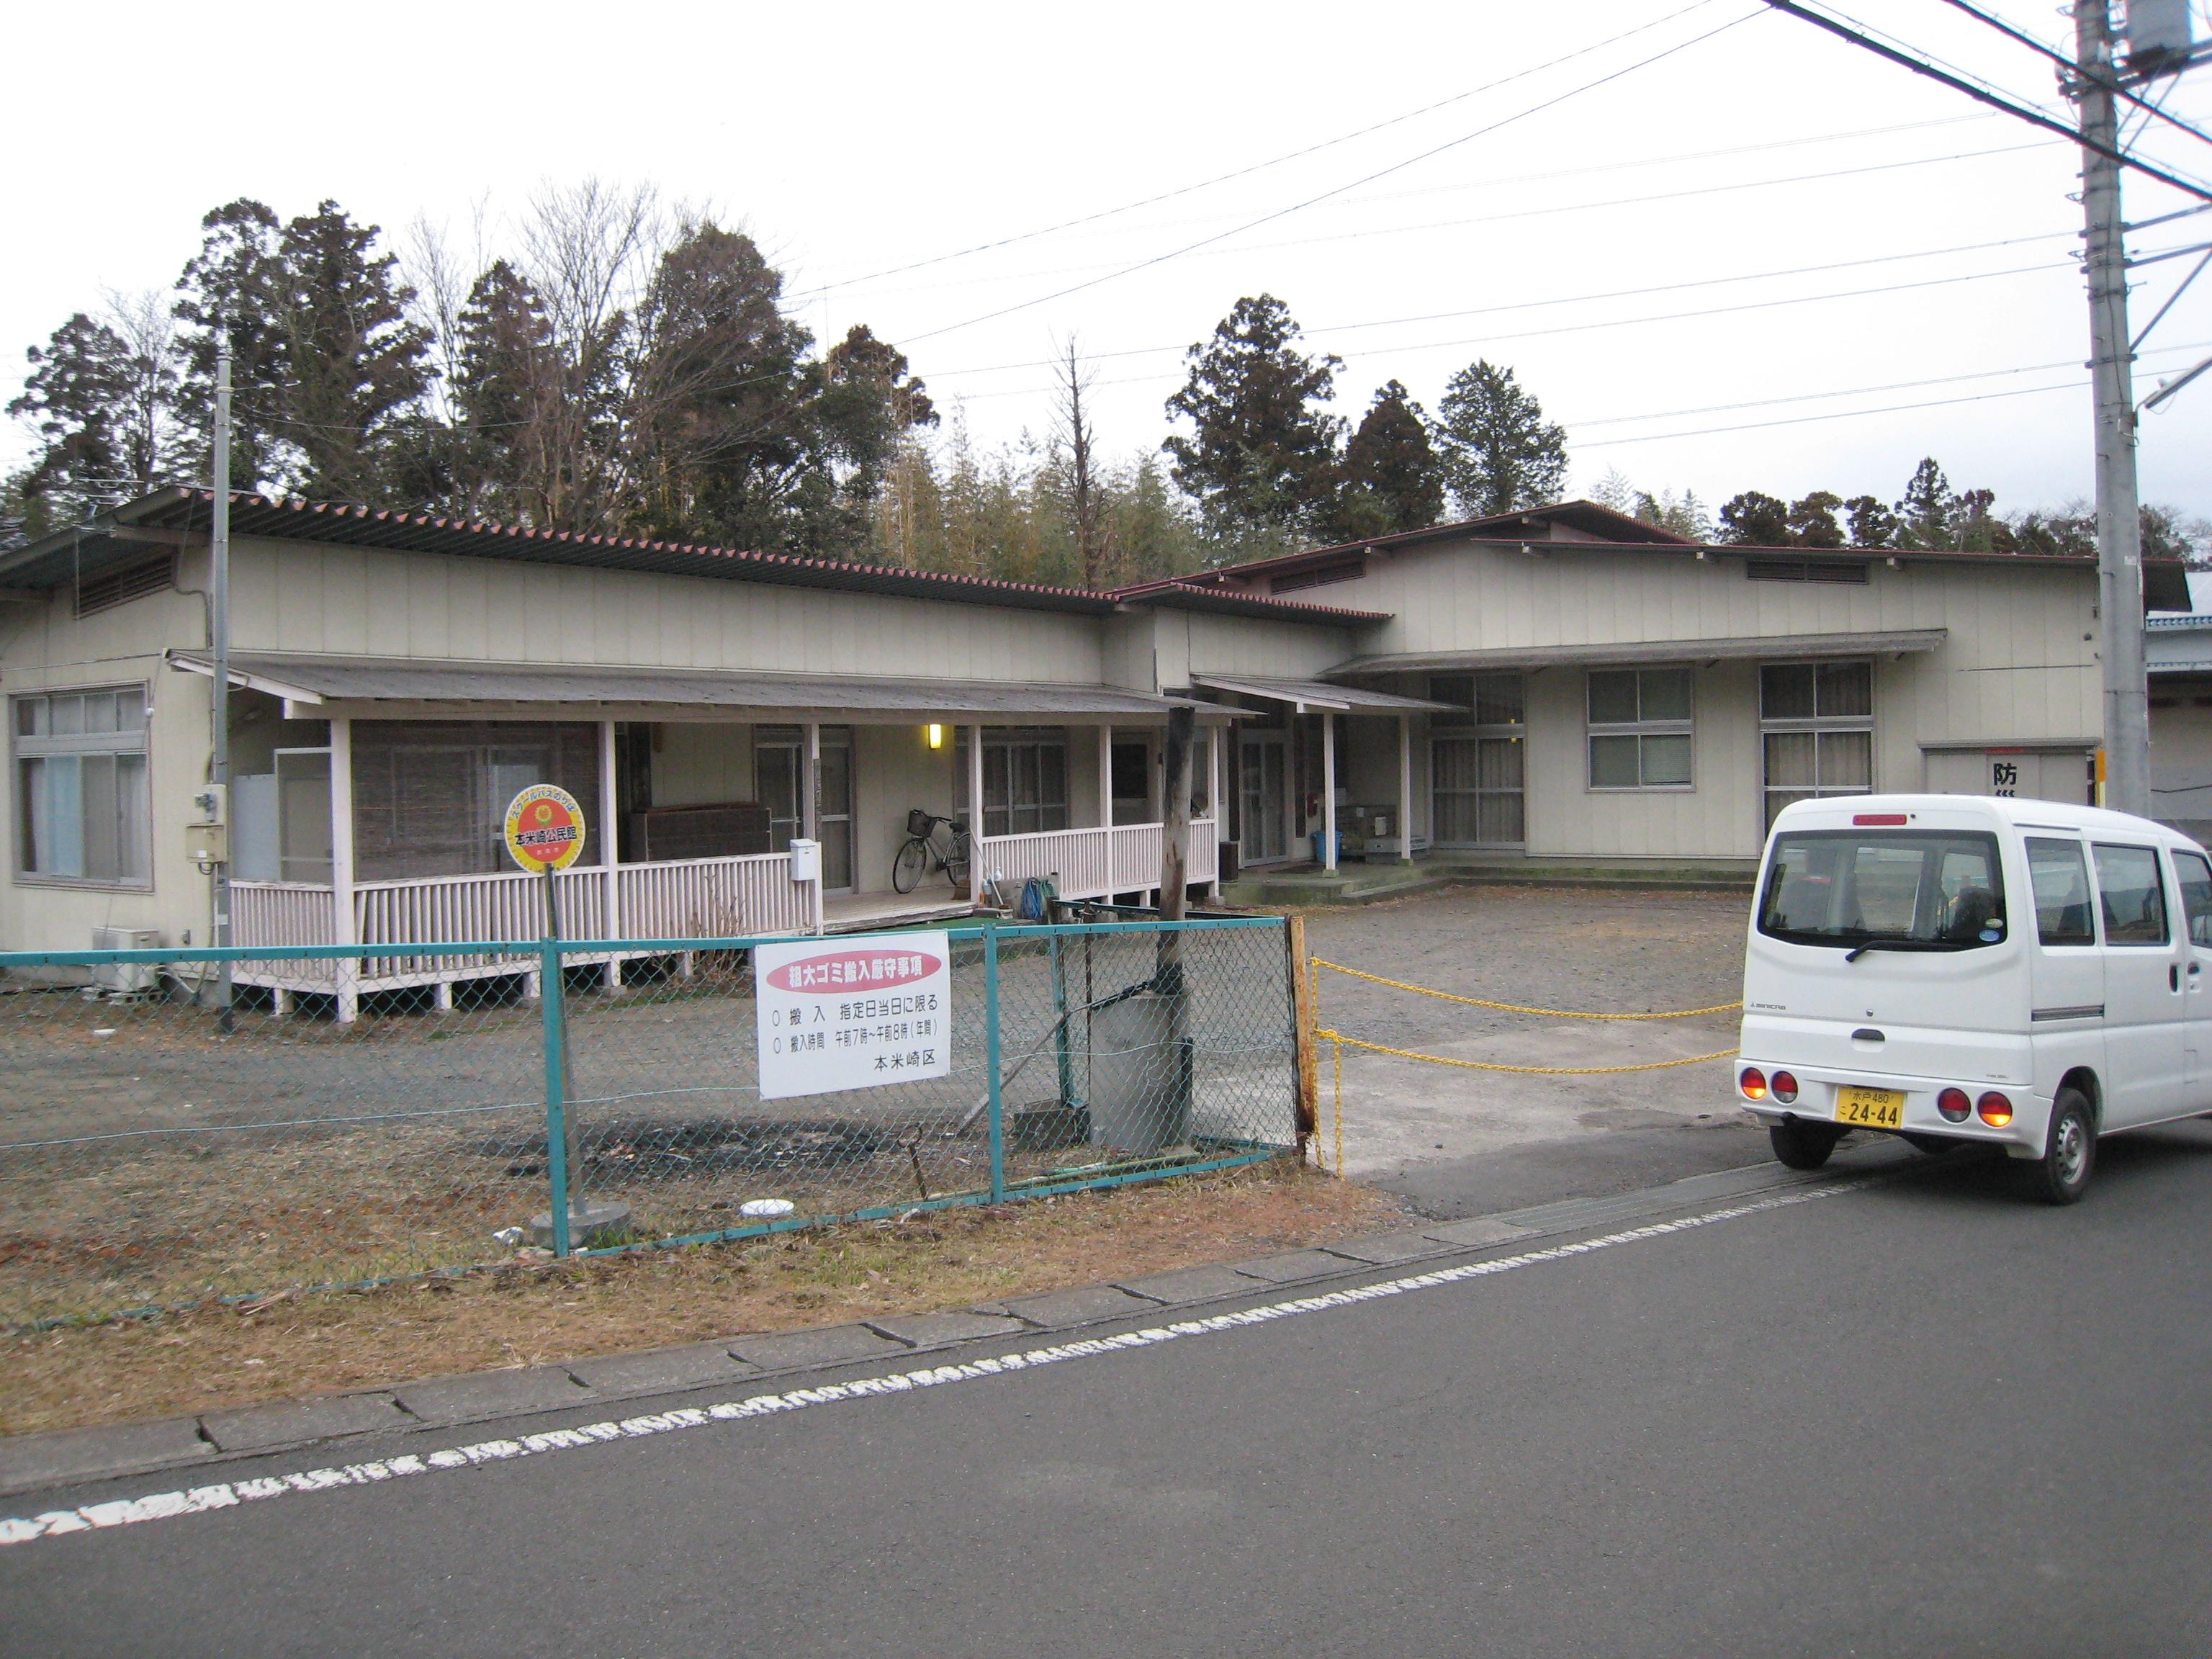 施設:①神崎第1投票区 本米崎公民館